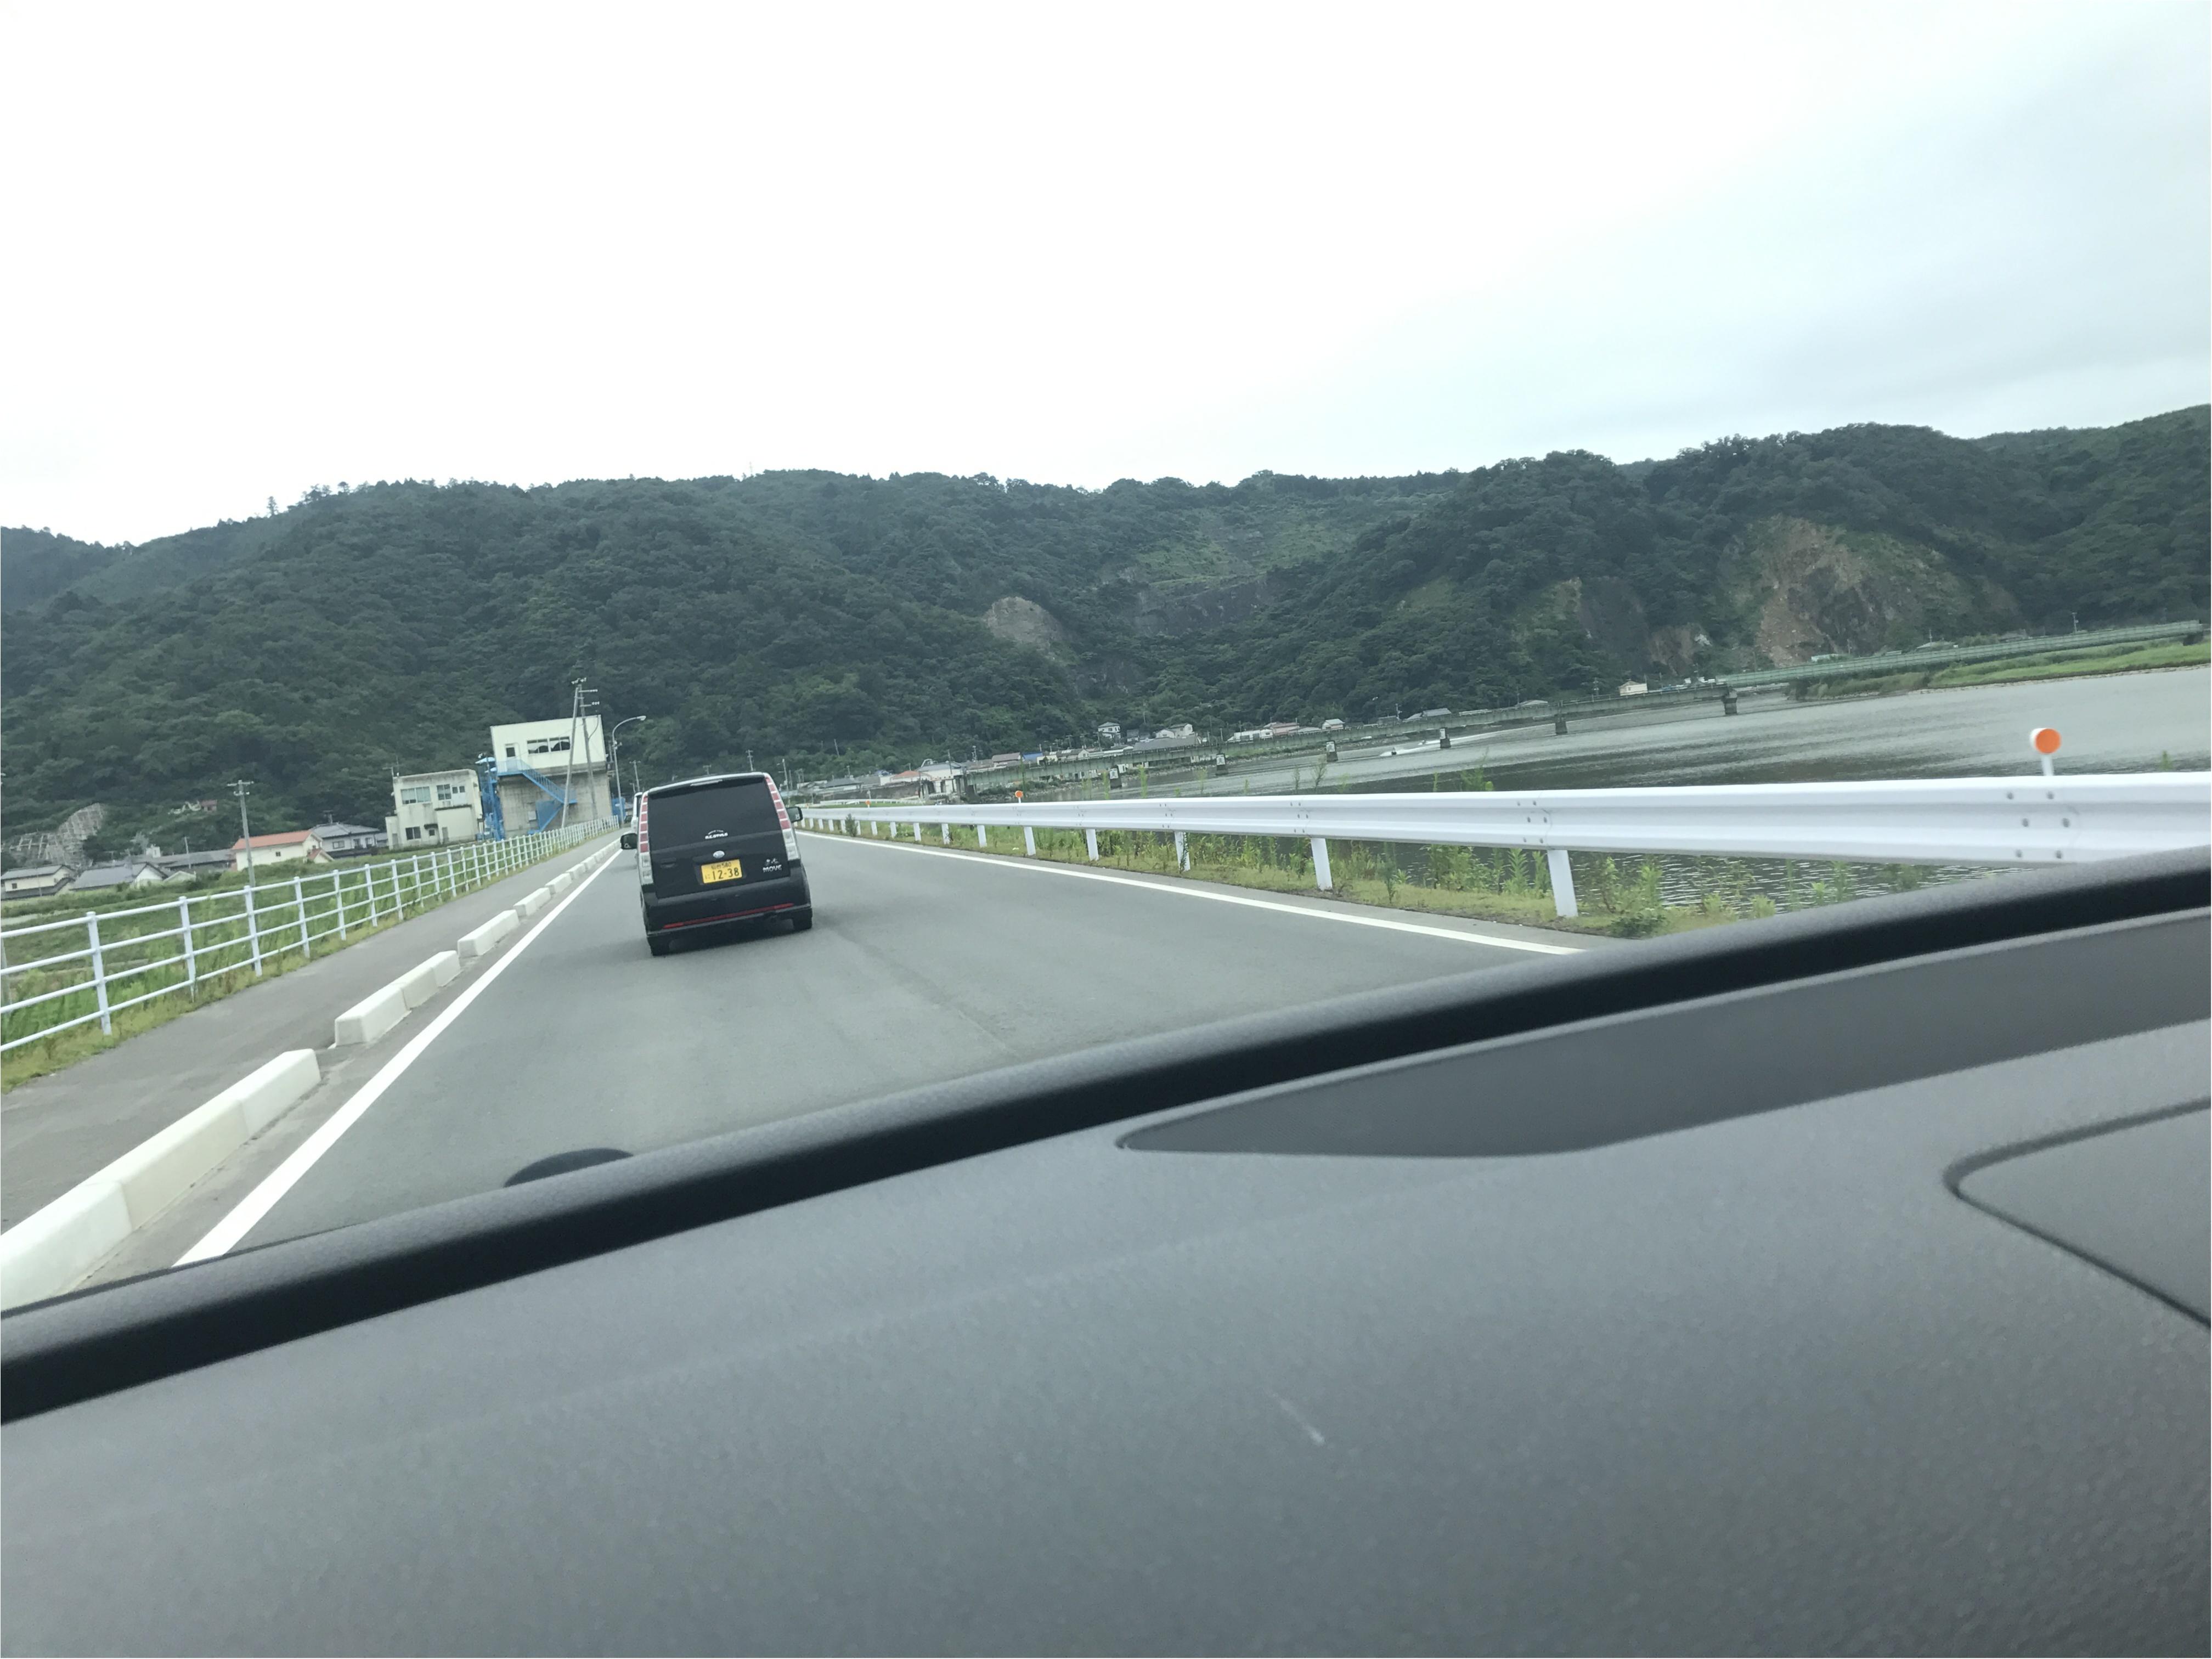 ツール・ド・東北まであと一カ月! 私たちが走る女川・雄勝フォンドの下見に!!【#モアチャレ ほなみ】_5